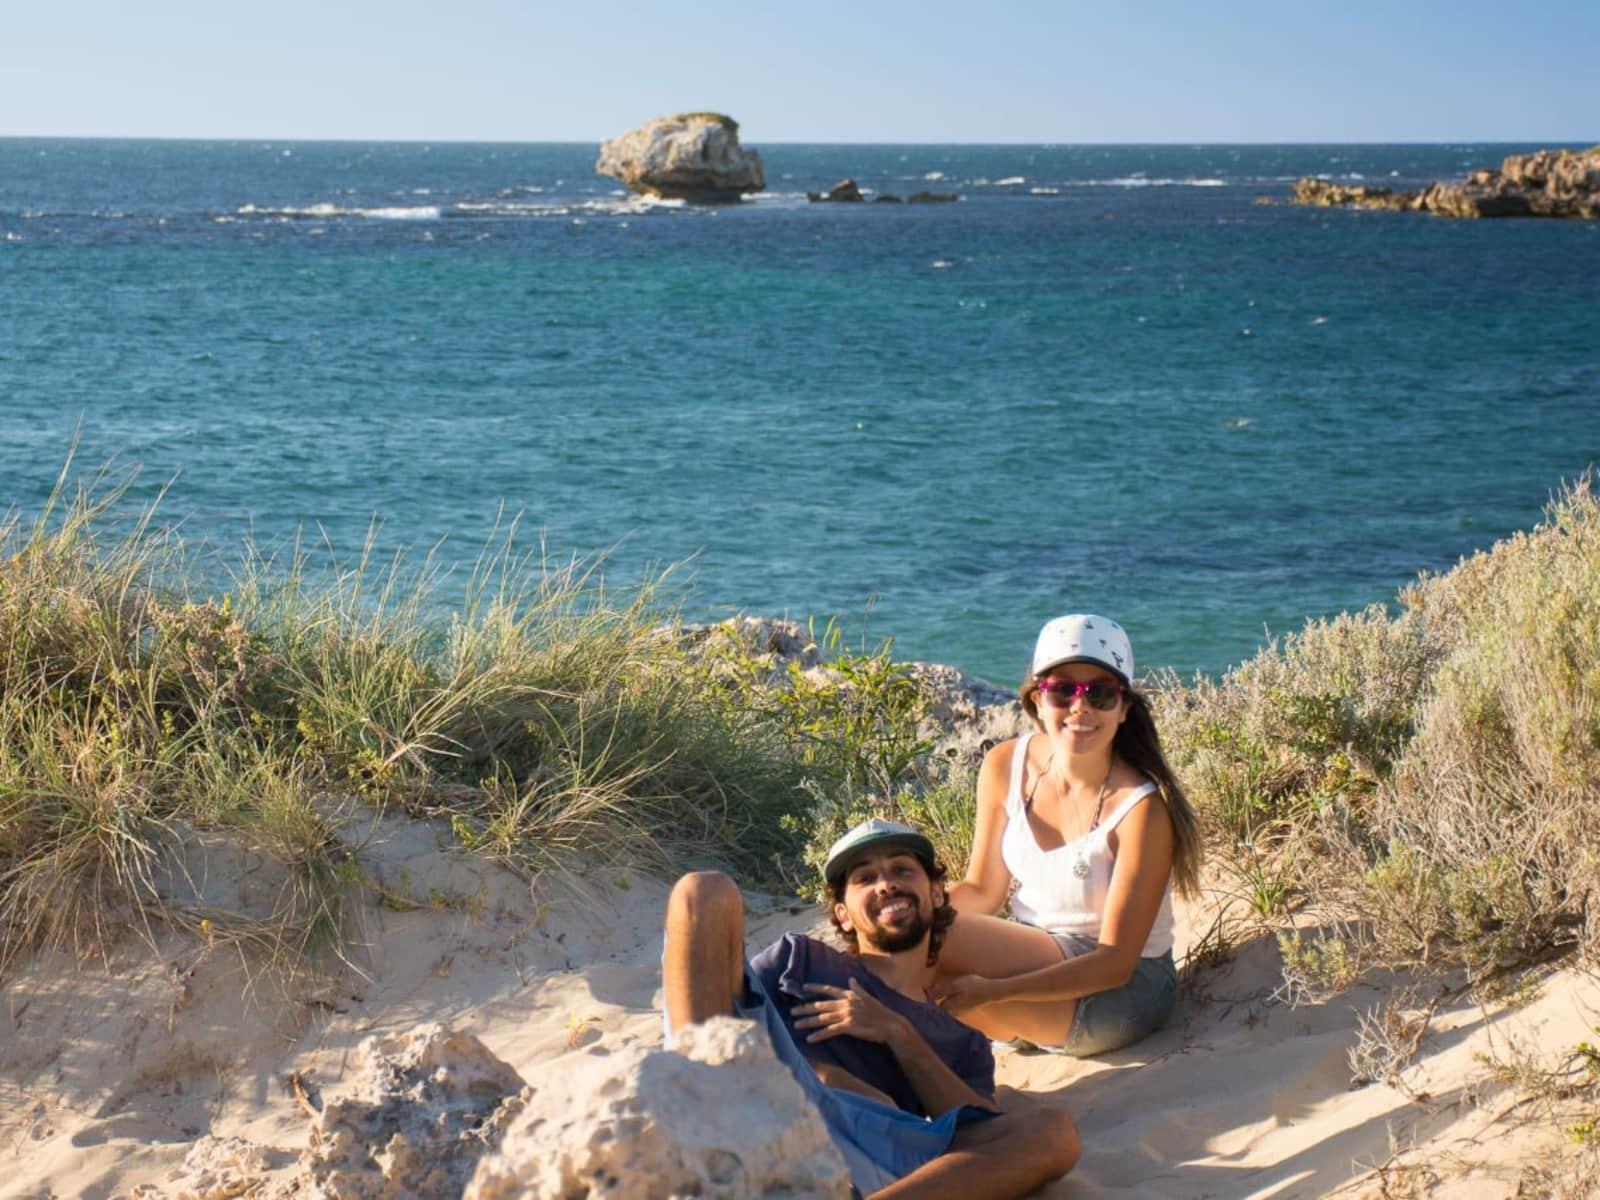 Florencia & Ignacio from Gold Coast, Queensland, Australia